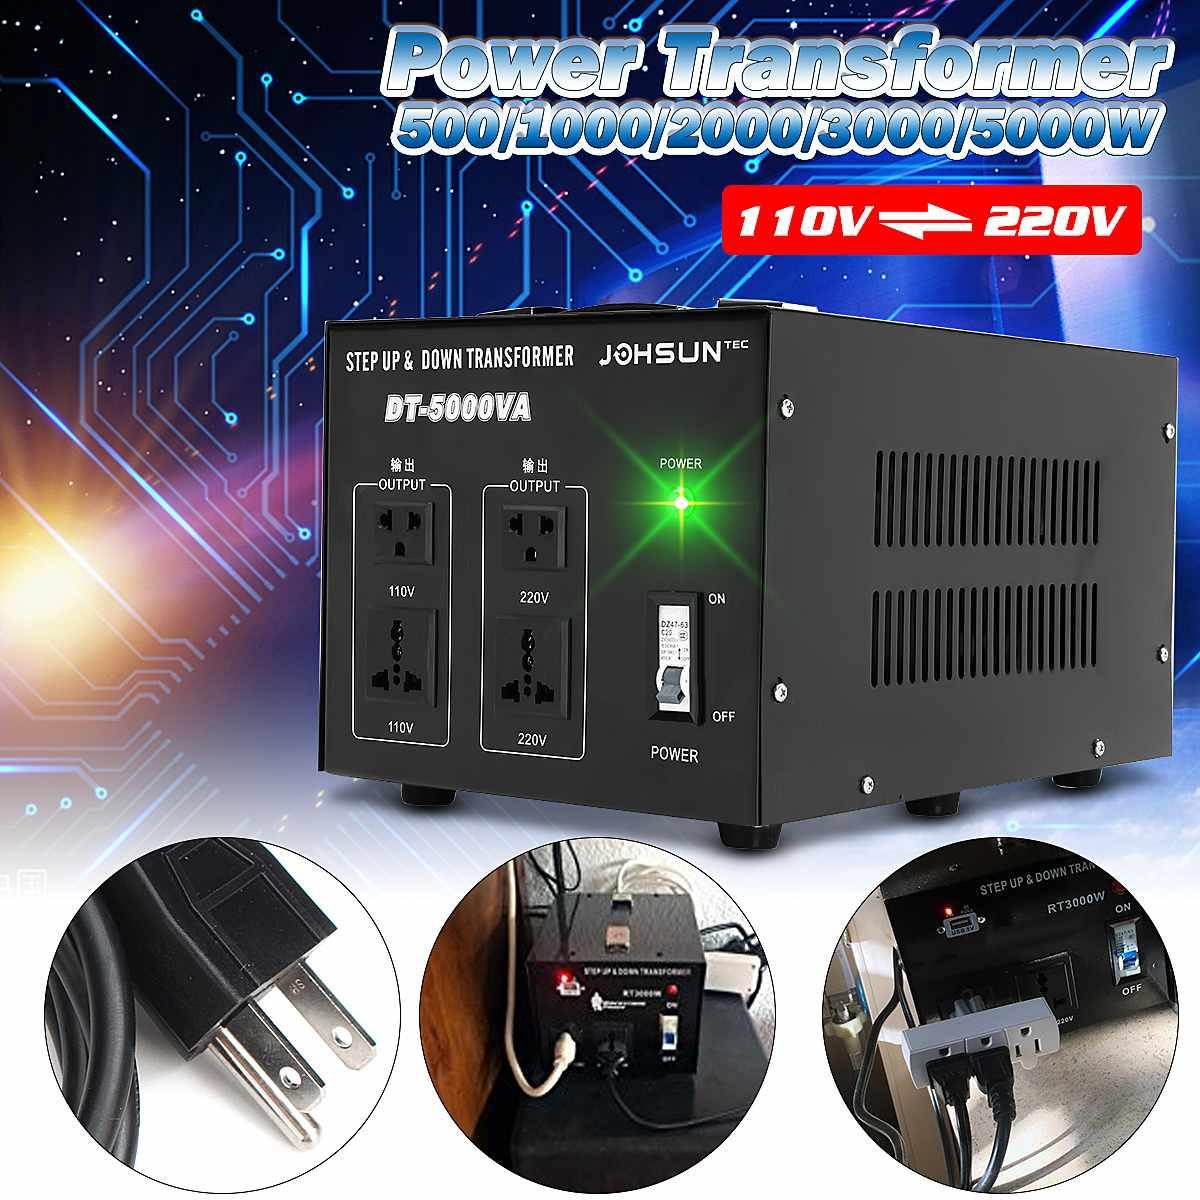 500/1000/2000/3000/5000W Heavy   Voltage Regulator Converter Power Transformer 220V auf 110V Converter500/1000/2000/3000/5000W Heavy   Voltage Regulator Converter Power Transformer 220V auf 110V Converter